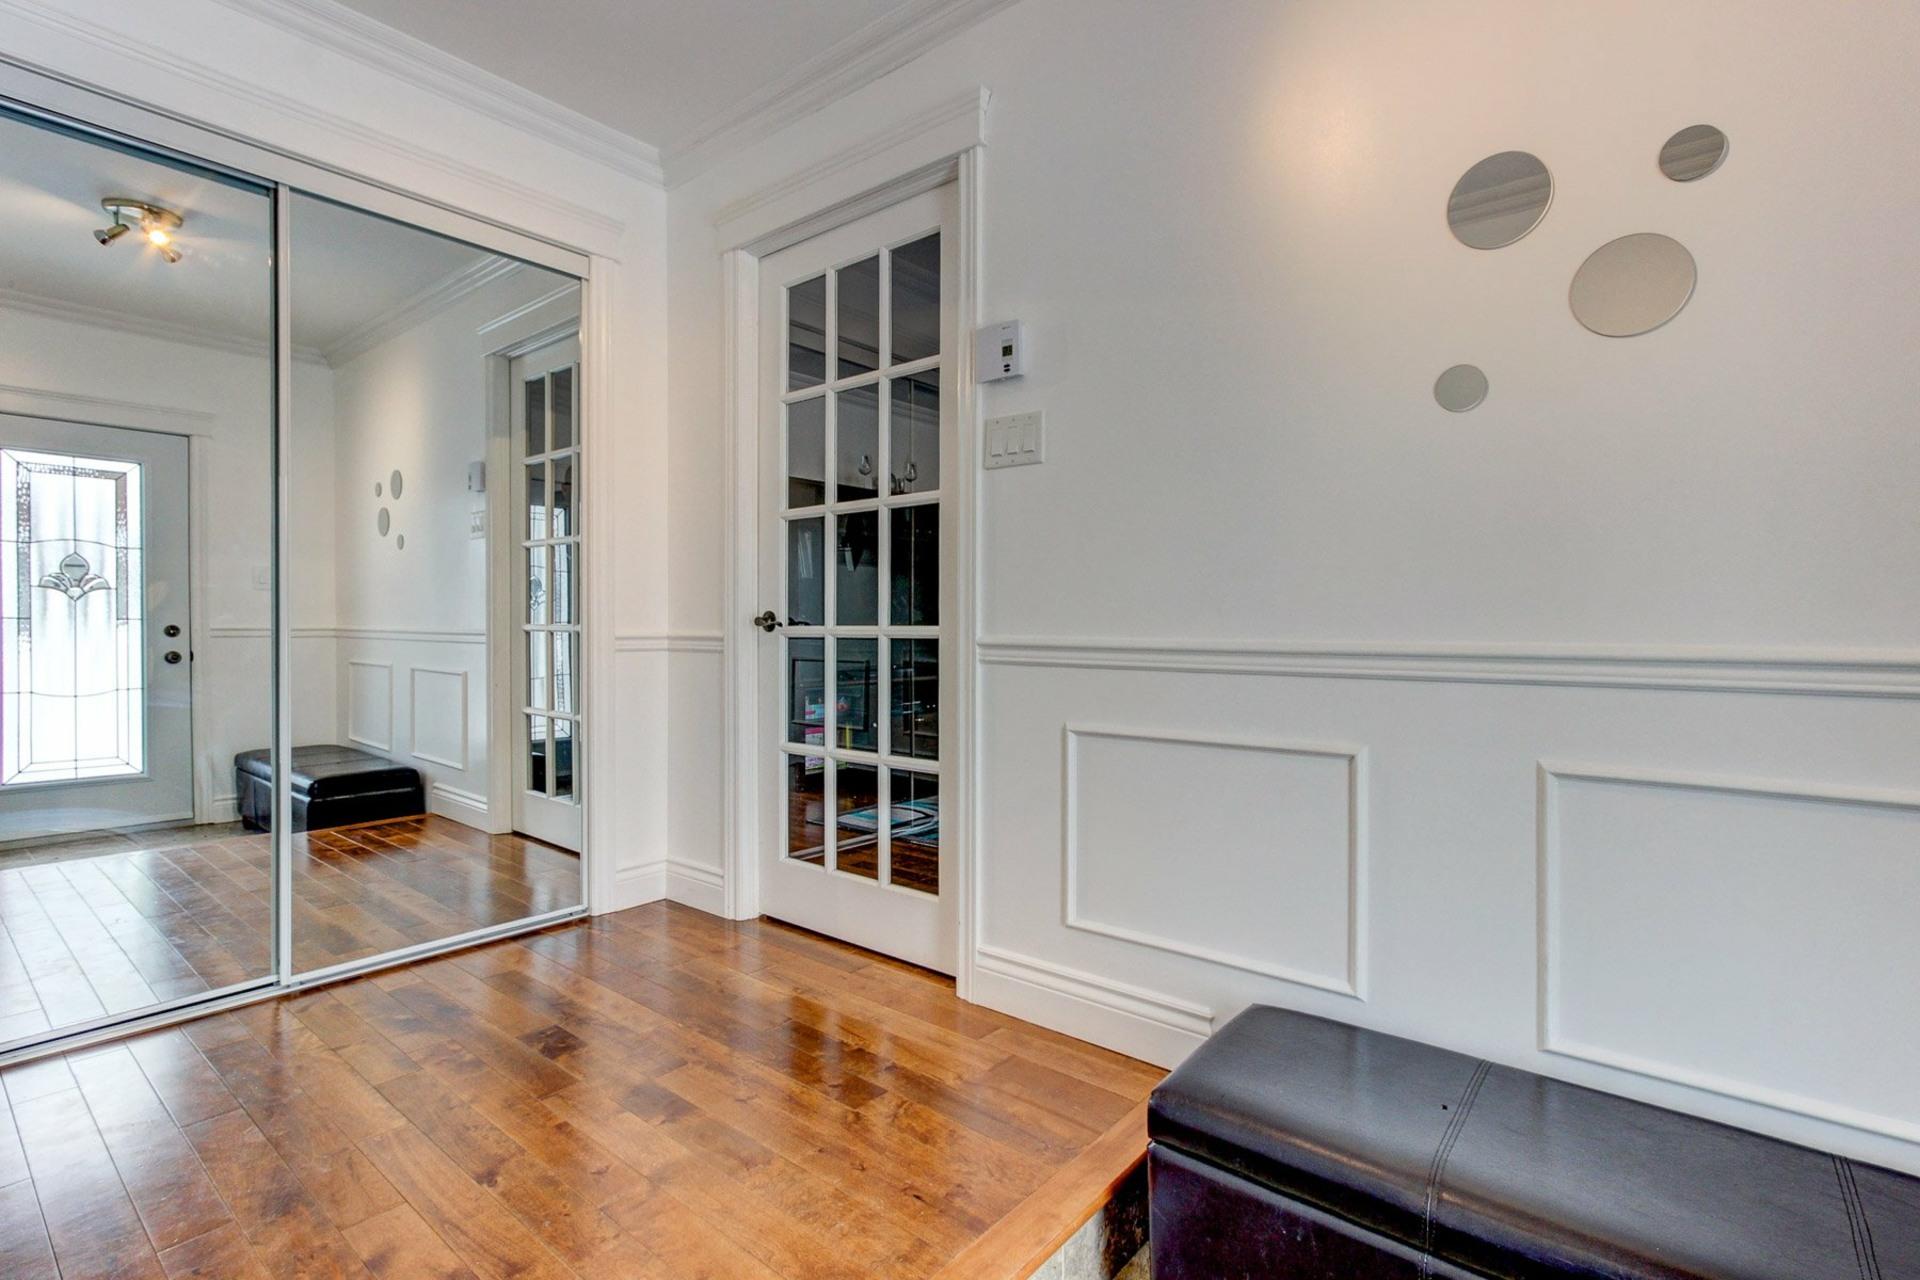 image 10 - Maison À vendre Trois-Rivières - 12 pièces